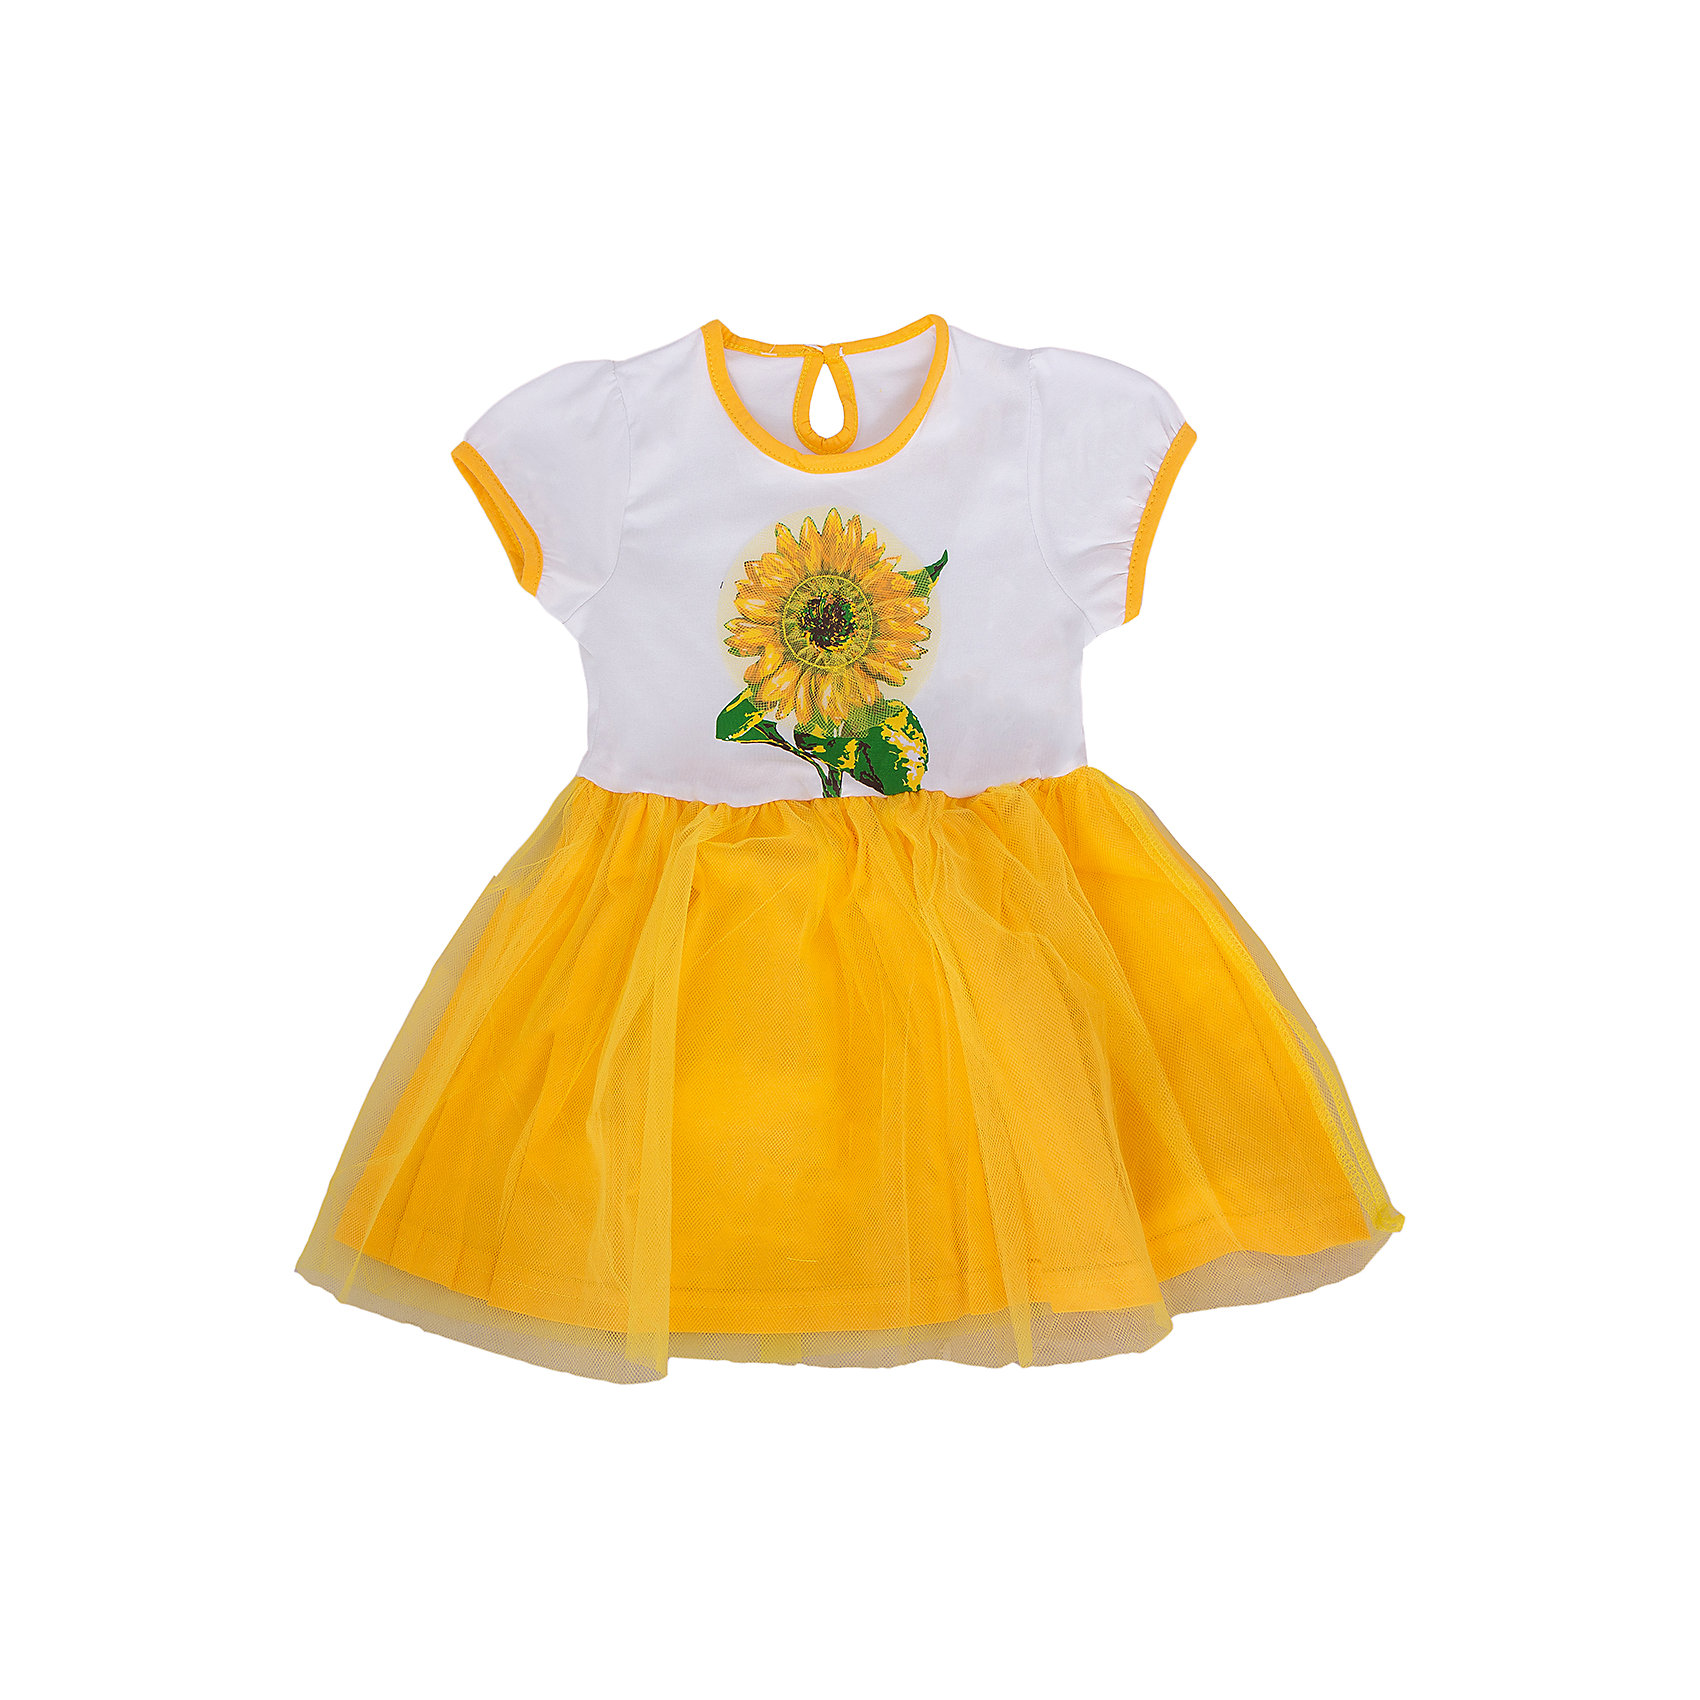 Платье для девочки АпрельПлатье Апрель<br>Чудесное платье с коротким рукавом и застежкой-пуговицей выполнено из натурального хлопка с добавлением лайкры. Контрастные бейки в тон полотнища юбки, яркий принт в виде большого подсолнуха, декоративная сетка на юбке сделают платье любимым предметом гардероба Вашей юной модницы. Рекомендуется машинная стирка при температуре 40 градусов без предварительного замачивания.<br><br>Дополнительная информация:<br><br>- Сезон: лето<br>- Цвет: белый, желтый<br>- Длина рукава: короткие<br>- Вид застежки: пуговица<br>- Длина юбки: мини<br>- Тип карманов: без карманов<br>- По назначению: повседневный стиль<br>- Ткань: кулир<br>- Состав: 92% хлопок, 8% лайкра<br><br>Платье Апрель можно купить в нашем интернет-магазине.<br><br>Ширина мм: 236<br>Глубина мм: 16<br>Высота мм: 184<br>Вес г: 177<br>Цвет: желтый<br>Возраст от месяцев: 24<br>Возраст до месяцев: 36<br>Пол: Женский<br>Возраст: Детский<br>Размер: 98,110,86,92,104<br>SKU: 4726265